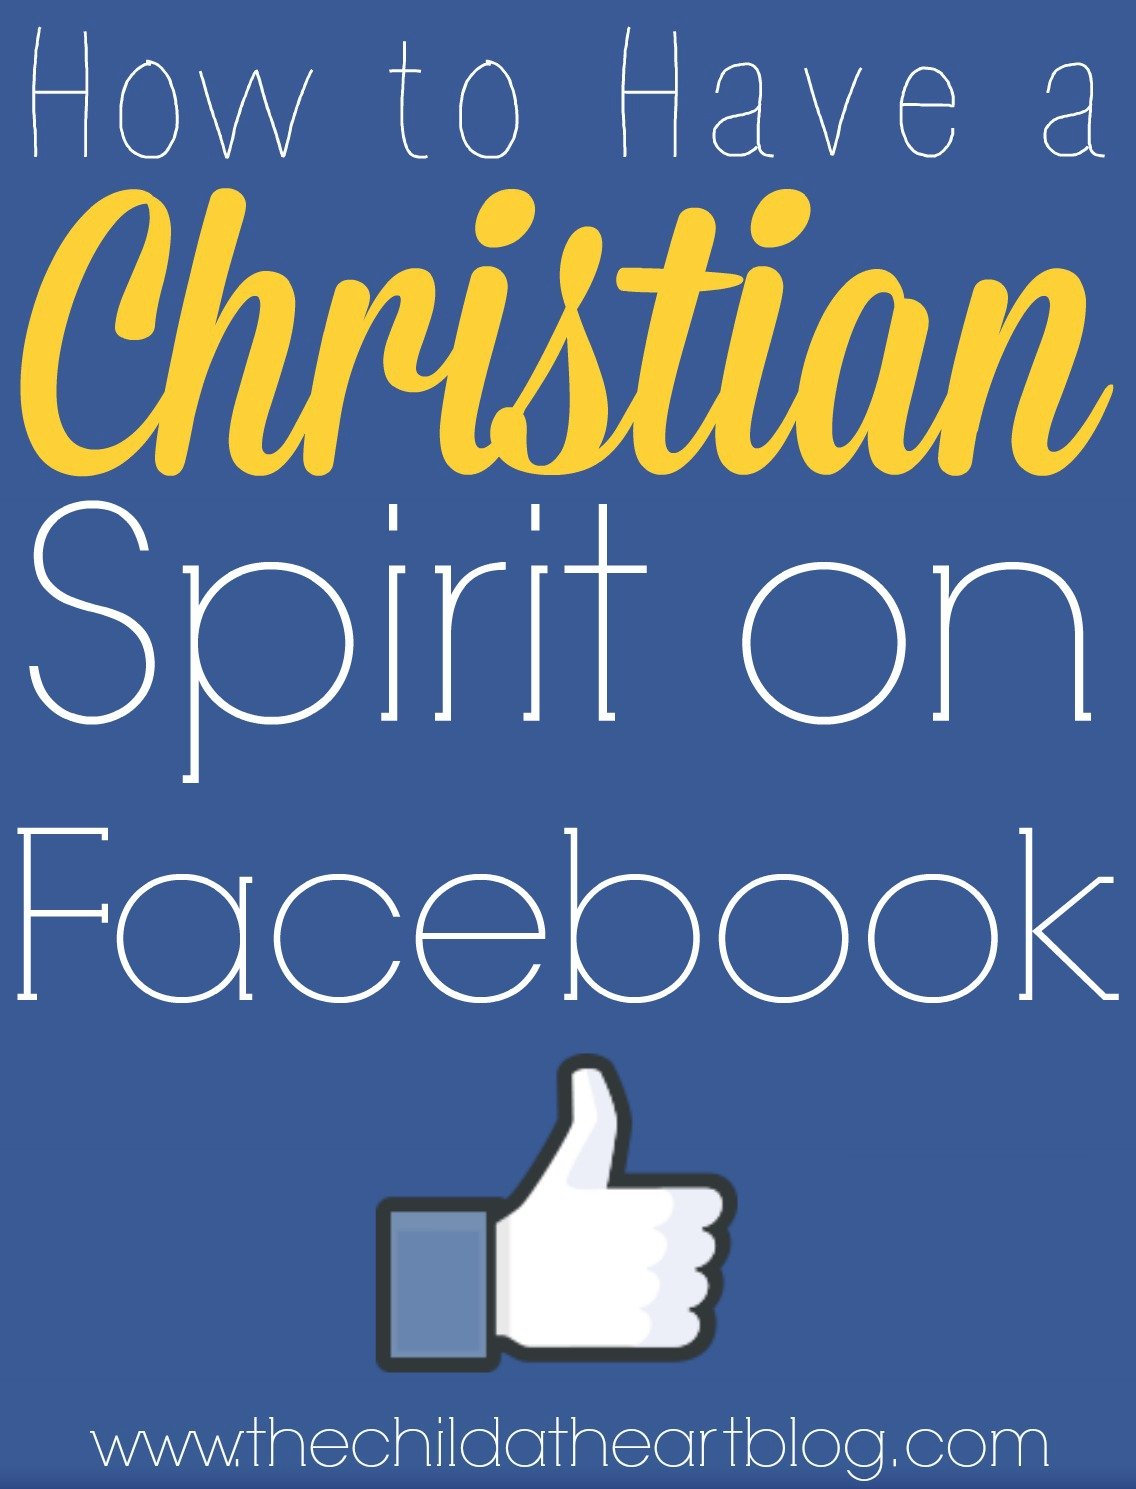 christian spirit on Facebook